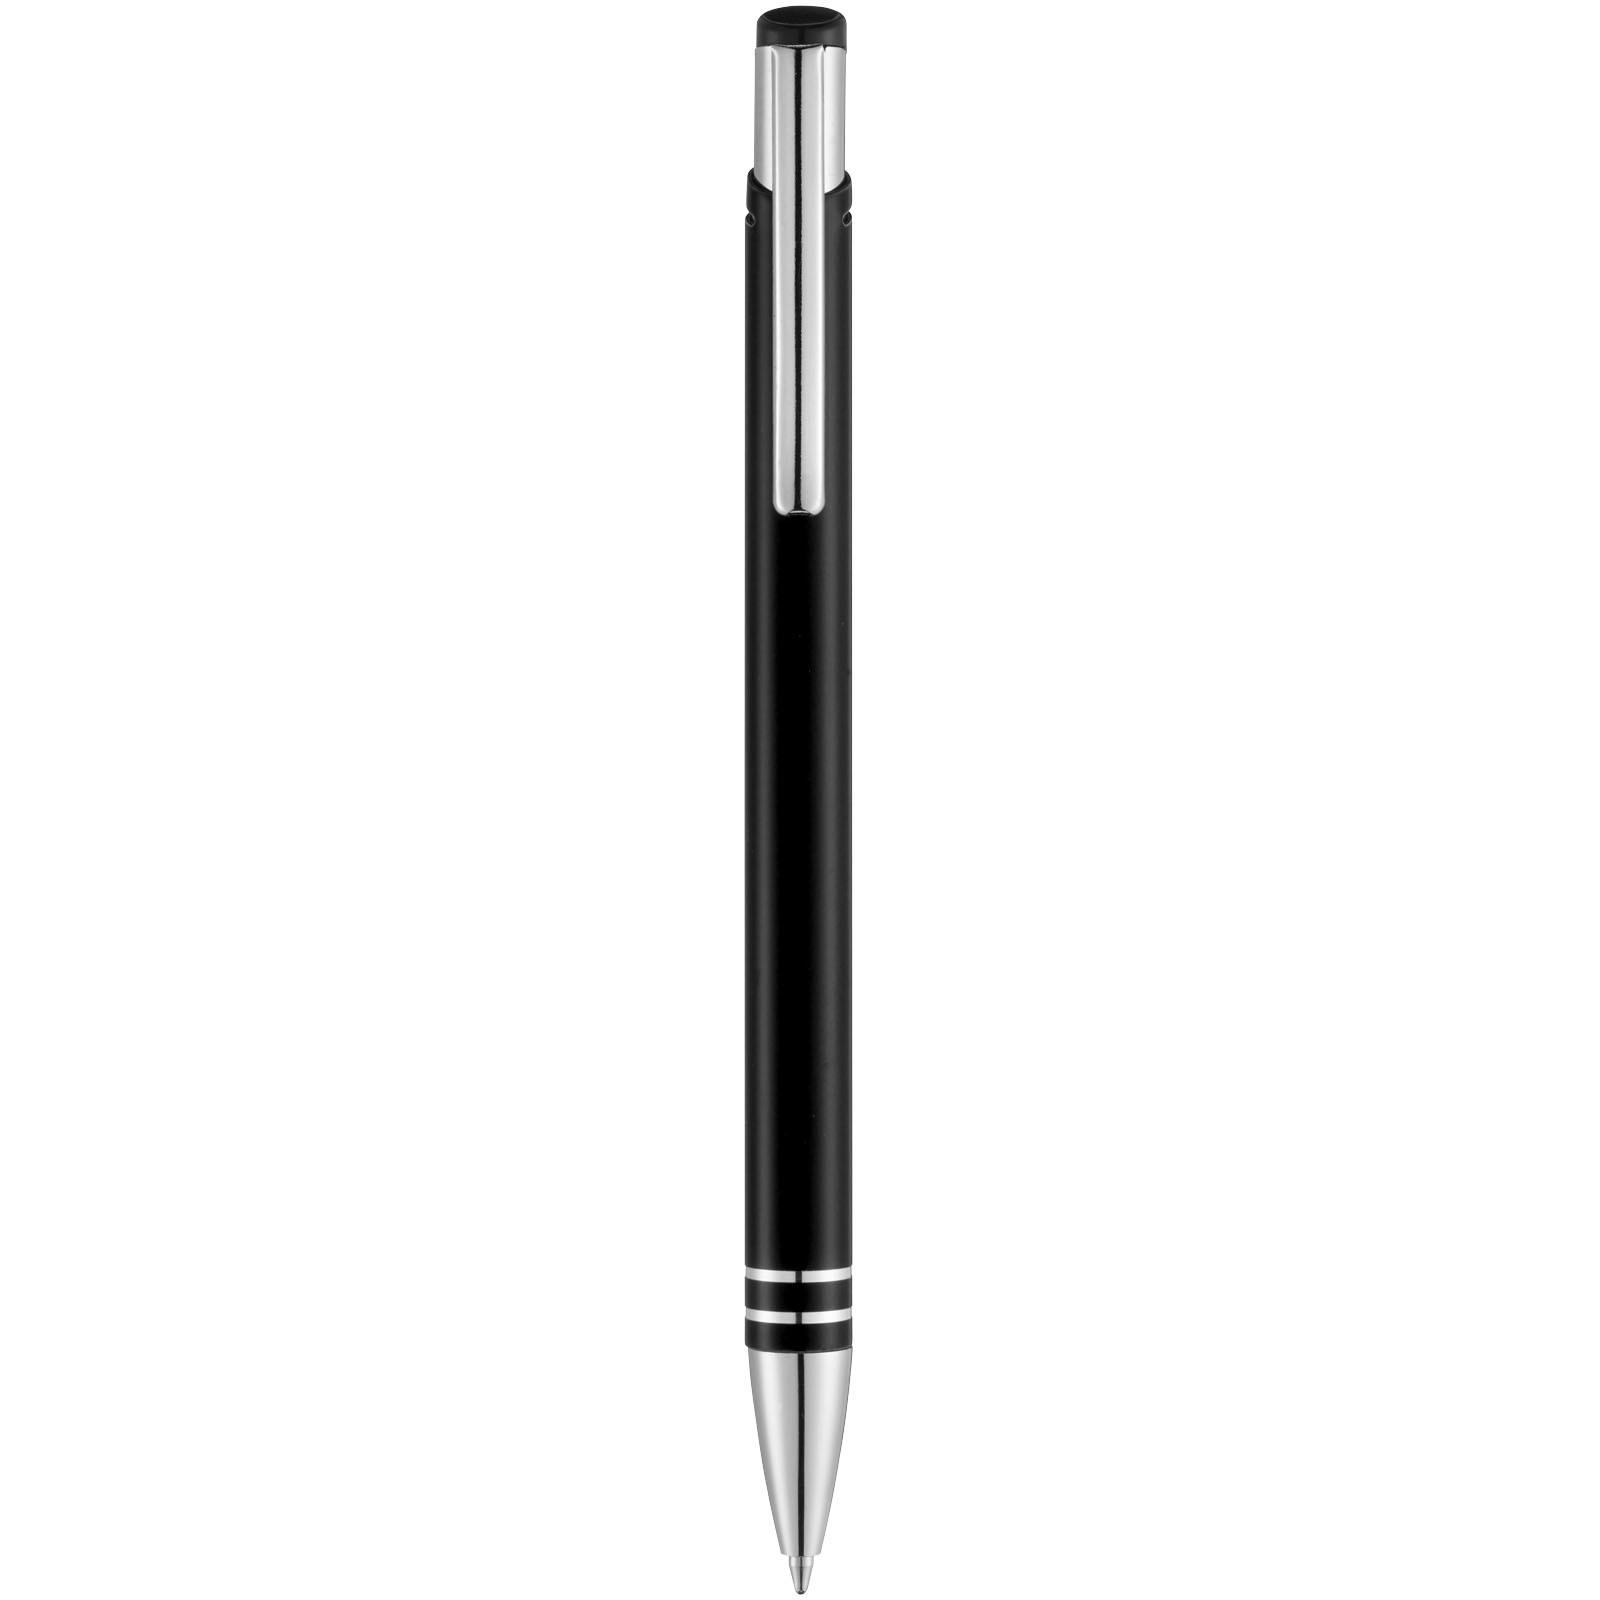 Kuličkové pero Hawk - Černá